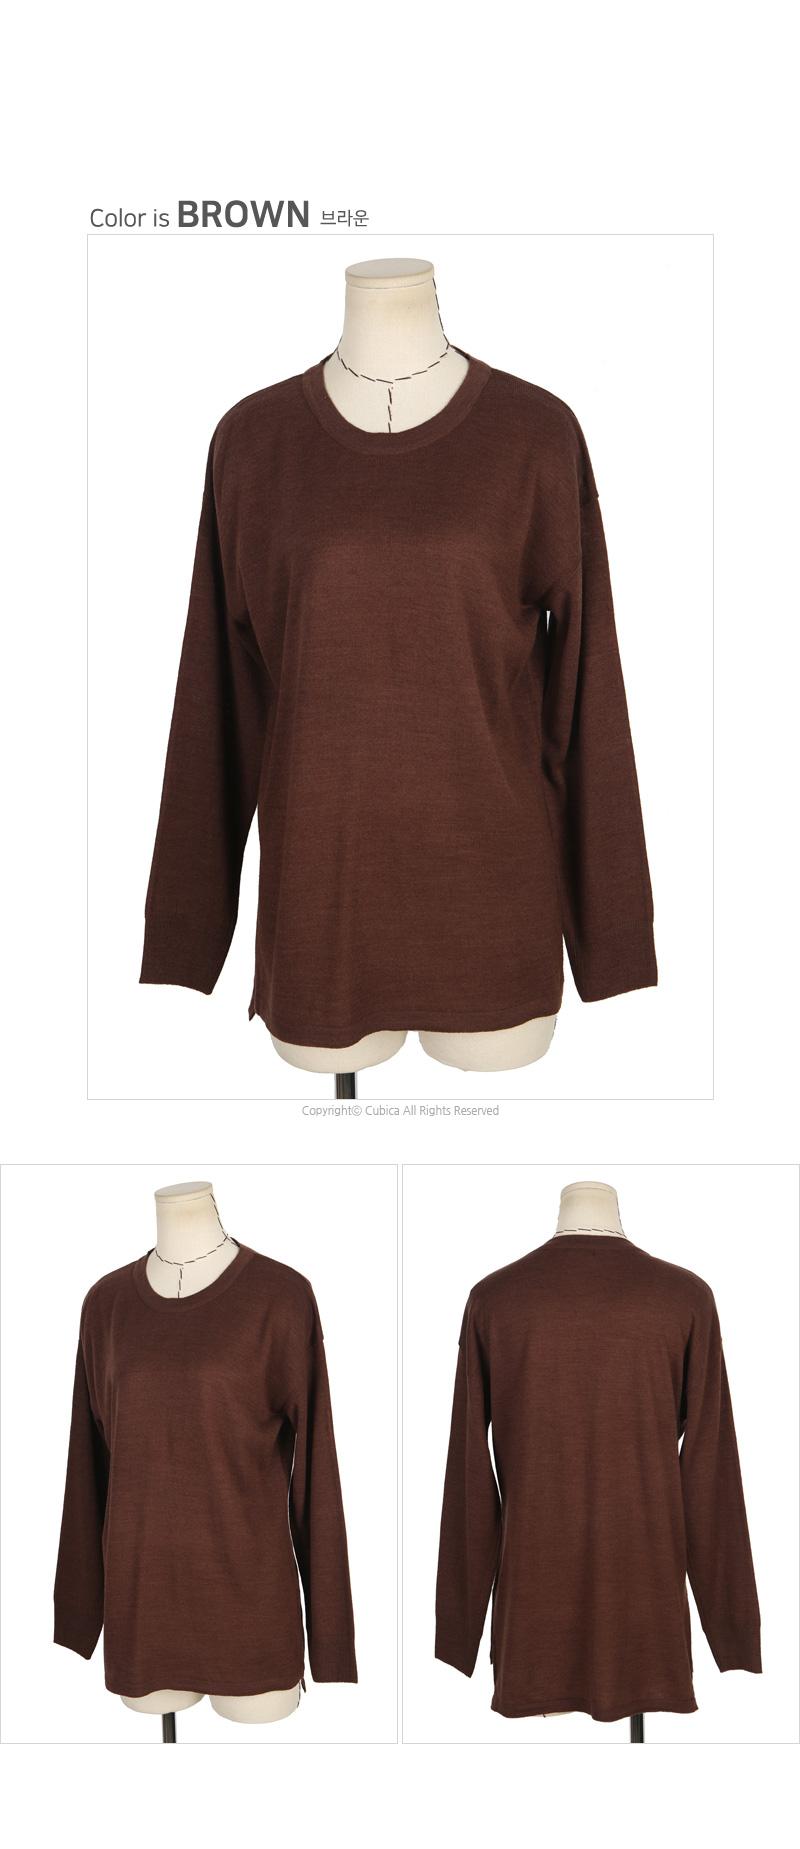 빅사이즈 밑트임 긴팔 니트 티셔츠 A115 - 네오쿠비카, 24,800원, 상의, 긴팔티셔츠